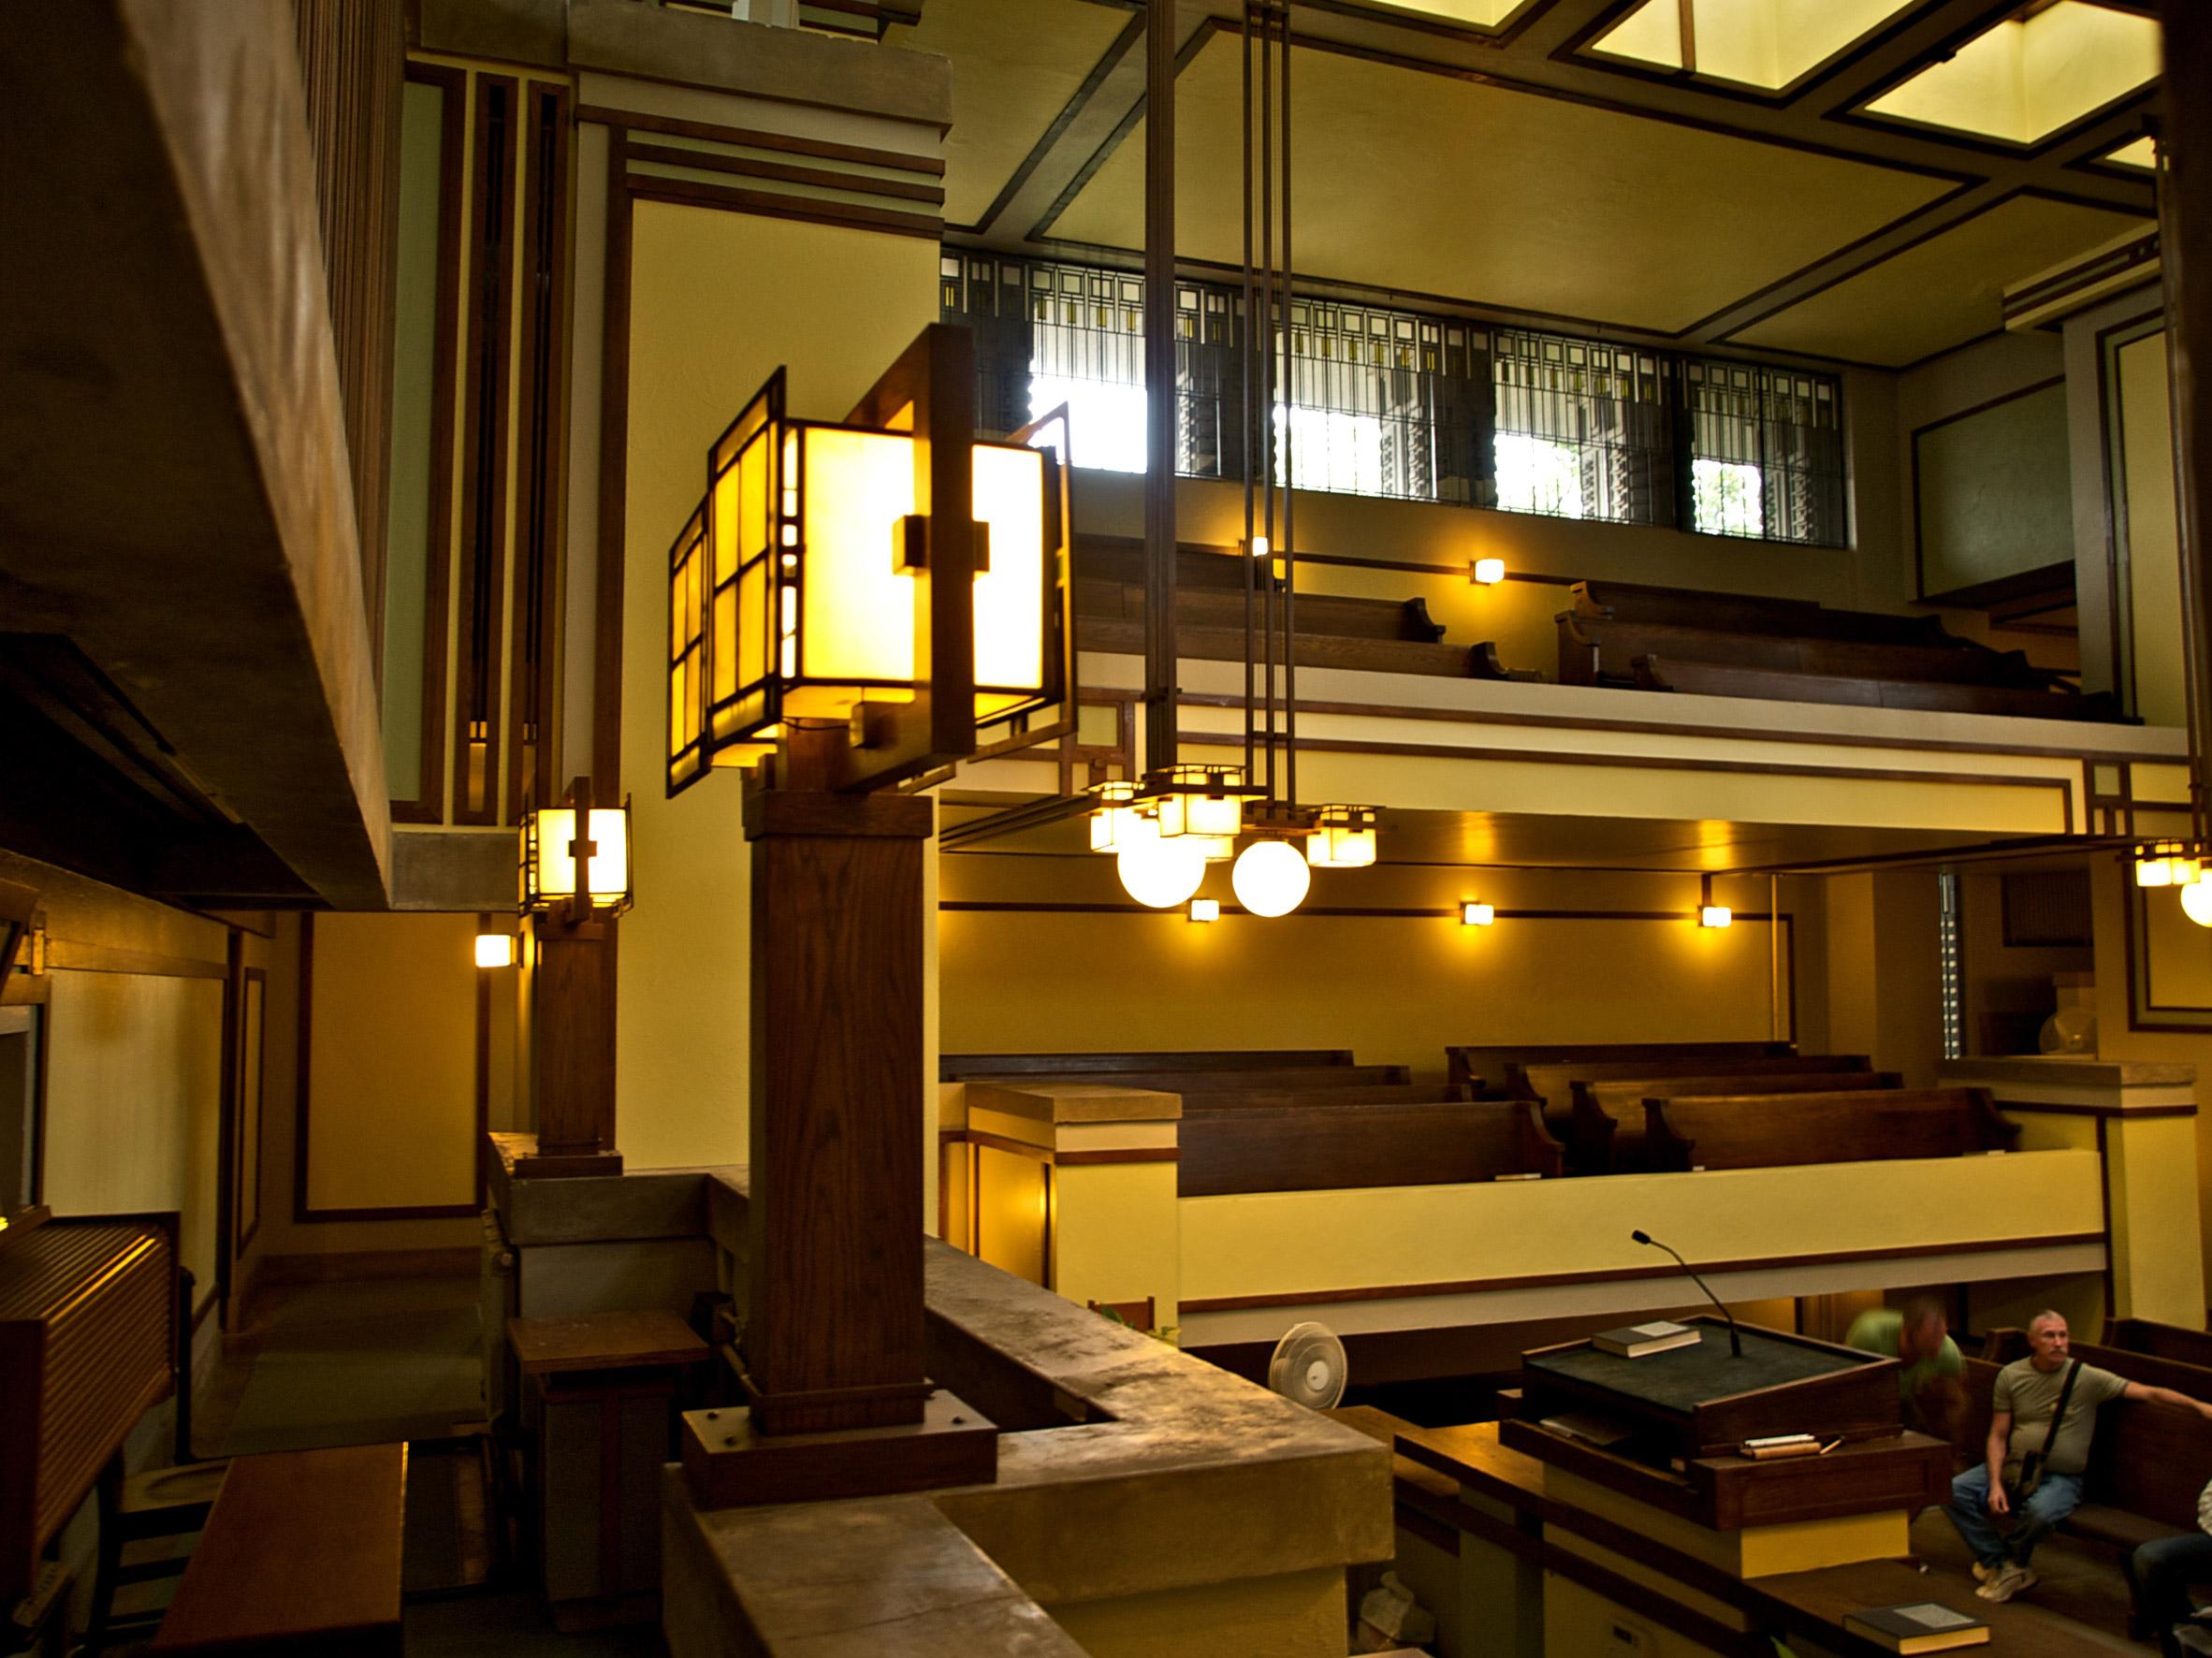 Unity Temple by Frank Lloyd Wright